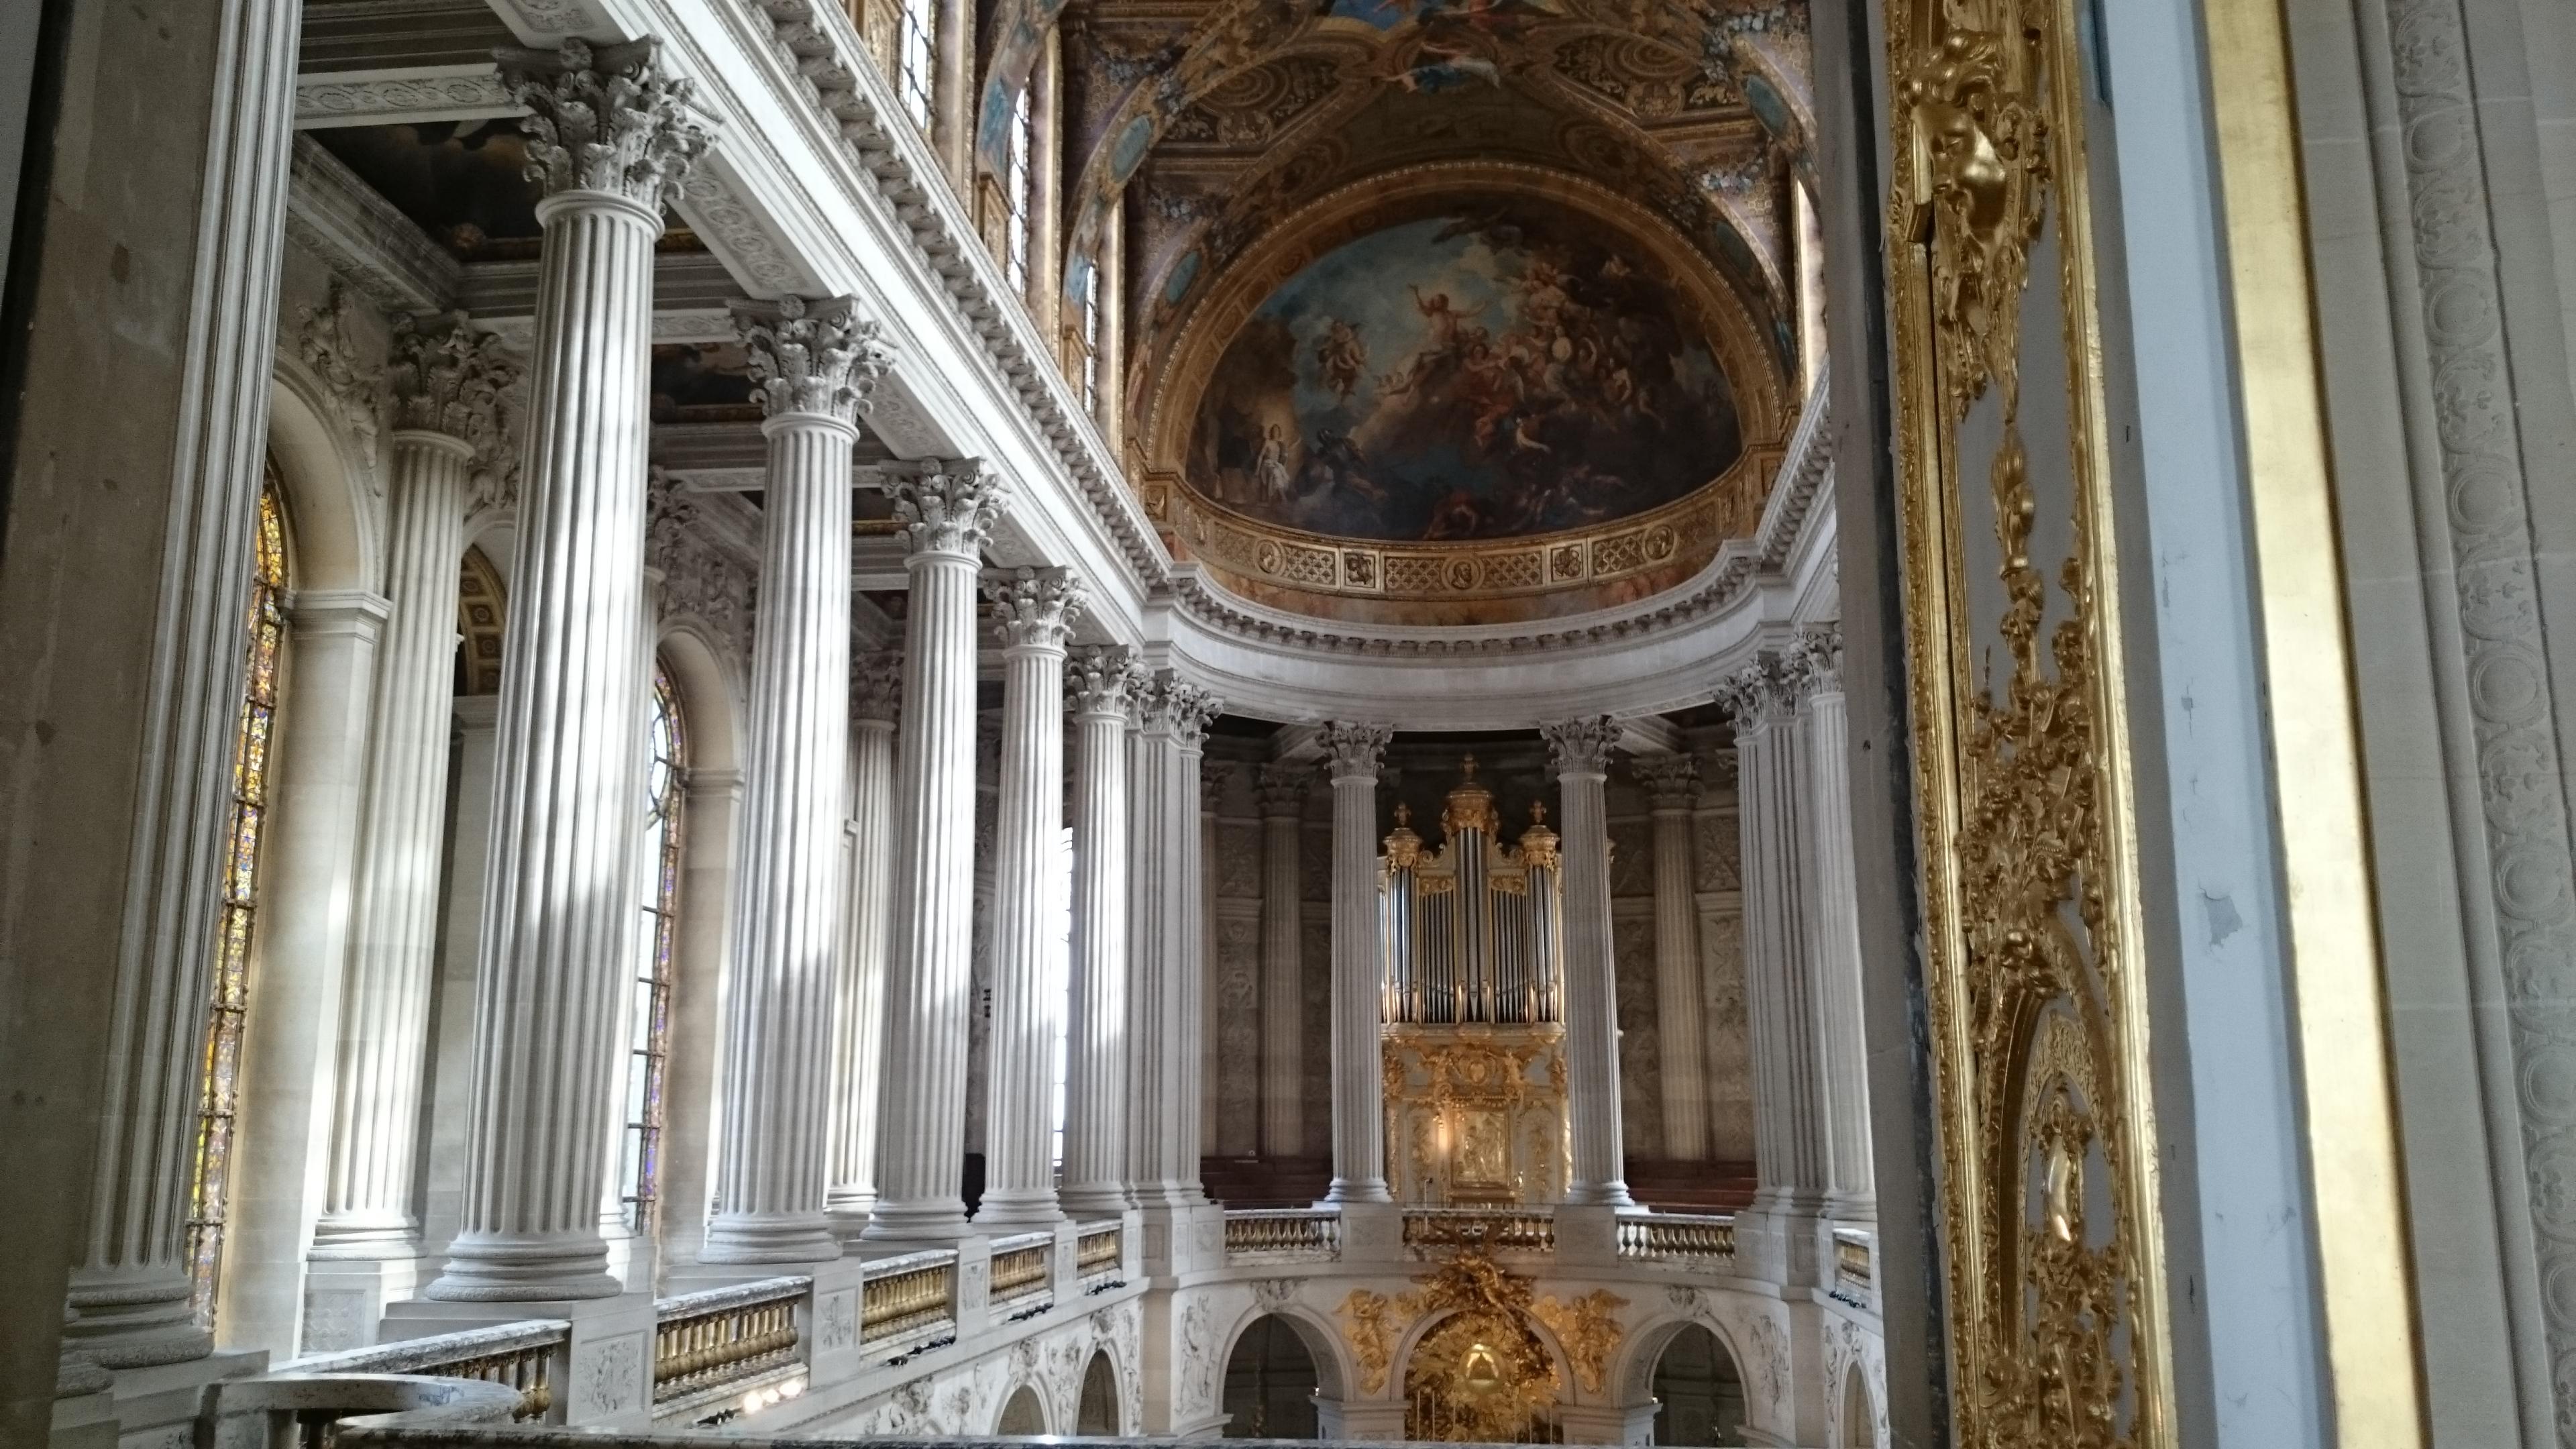 dsc 13251 - Visita al Palacio de Versalles: Como ir, cuanto cuesta y tips III/III